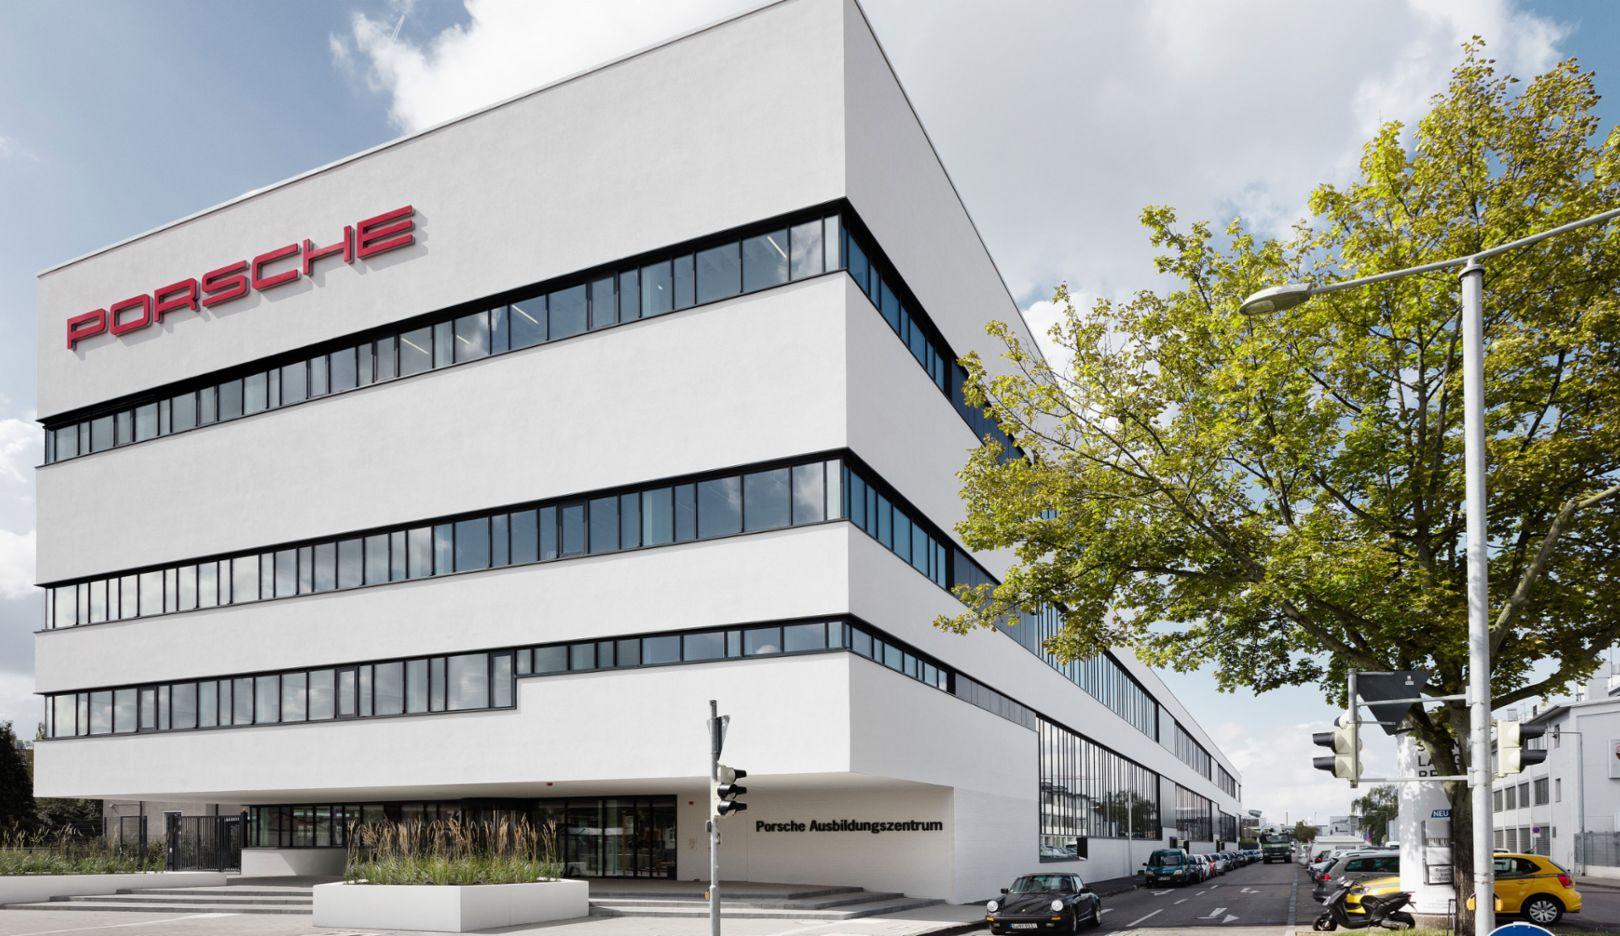 Training Centre, Zuffenhausen, 2015, Porsche AG